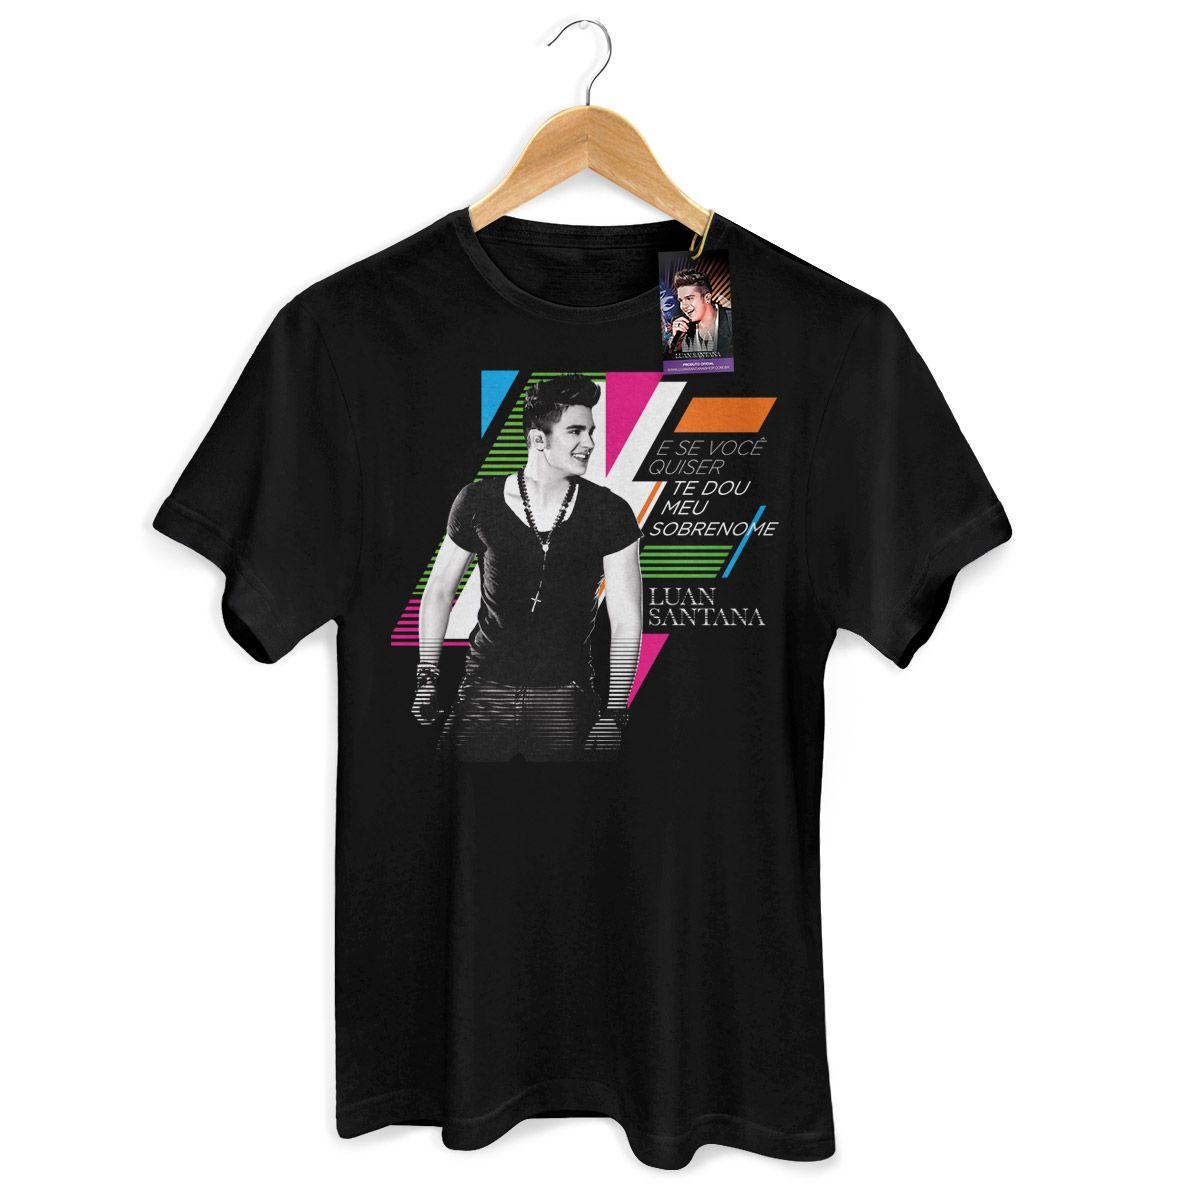 Camiseta Masculina Luan Santana - Meu Sobrenome